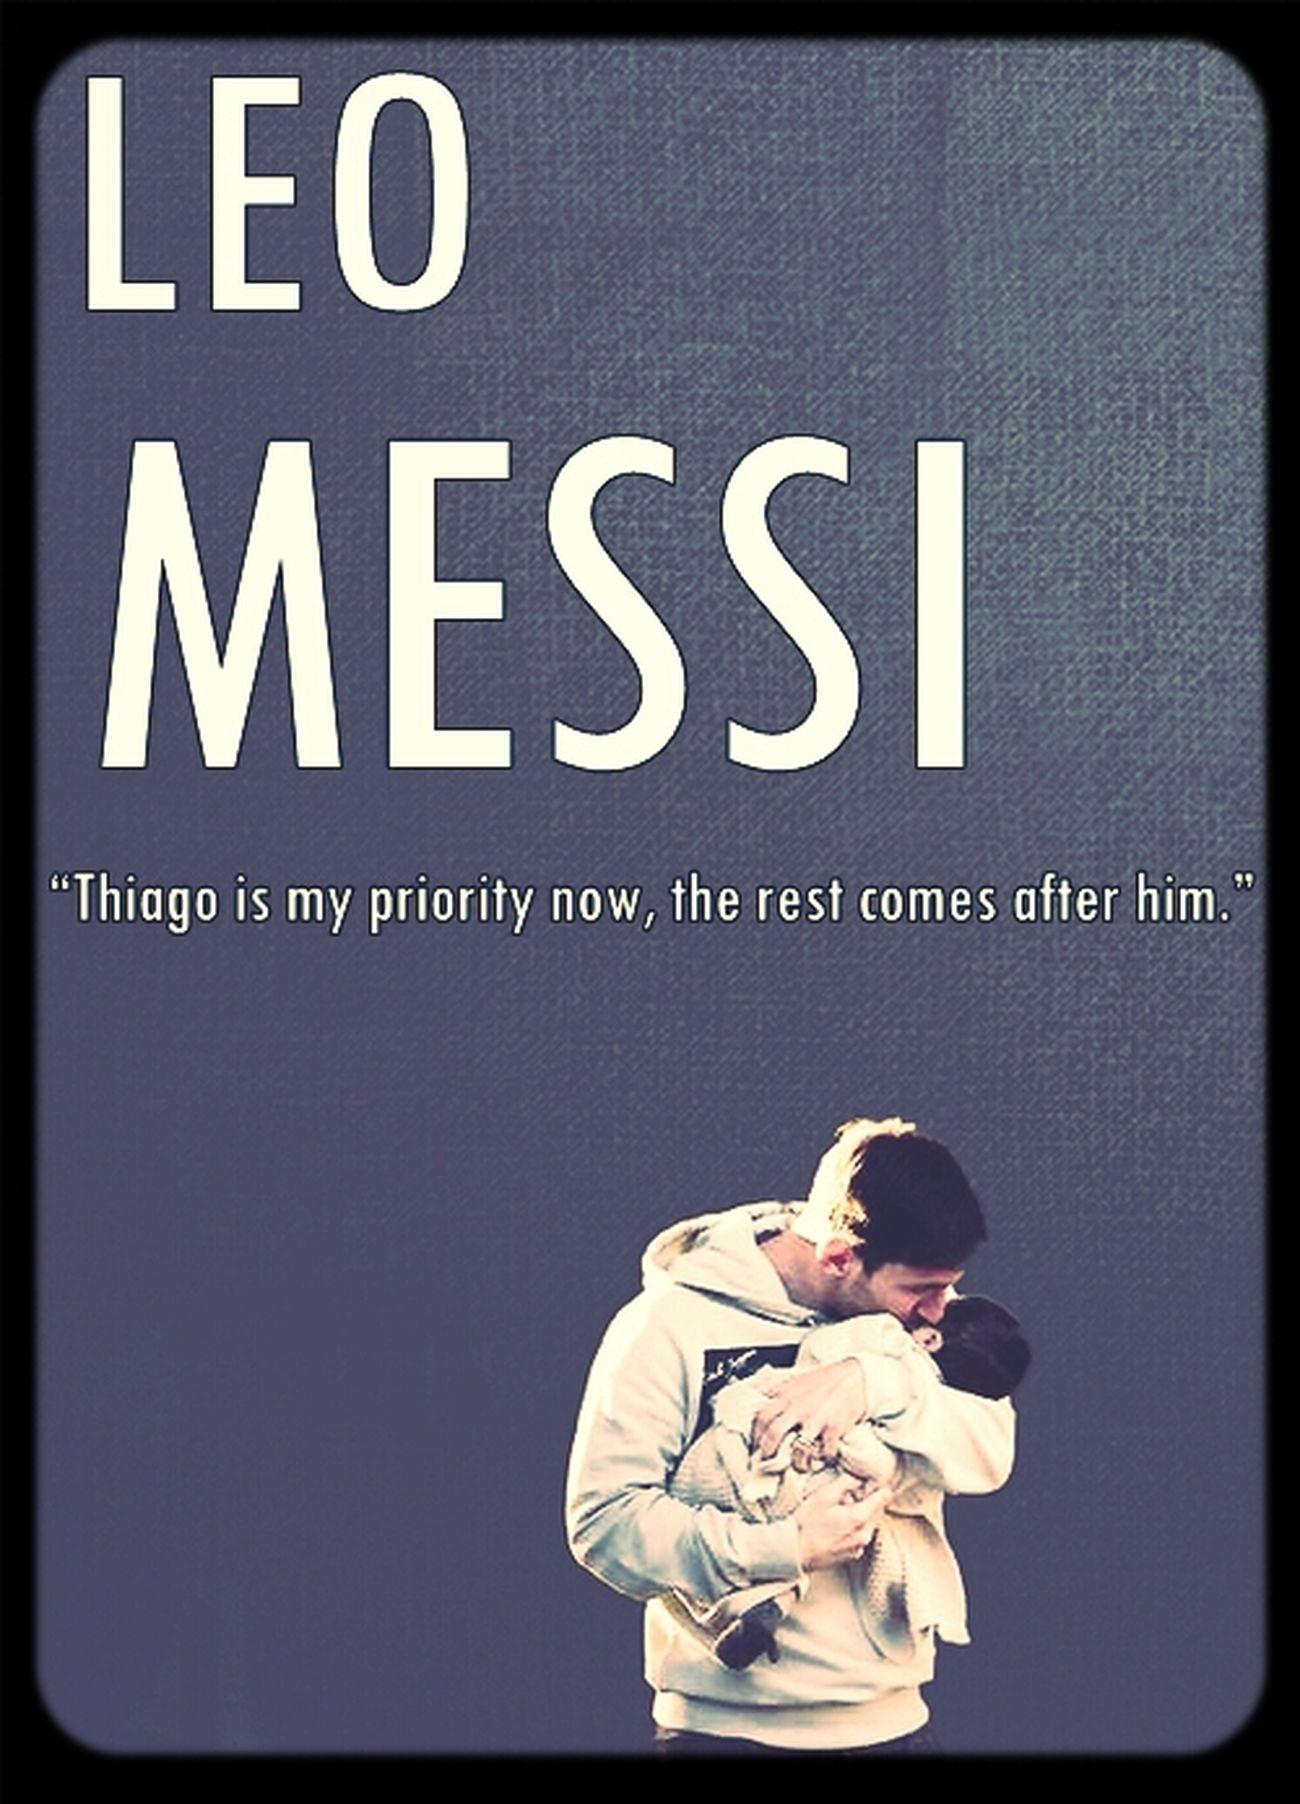 #Team Messi